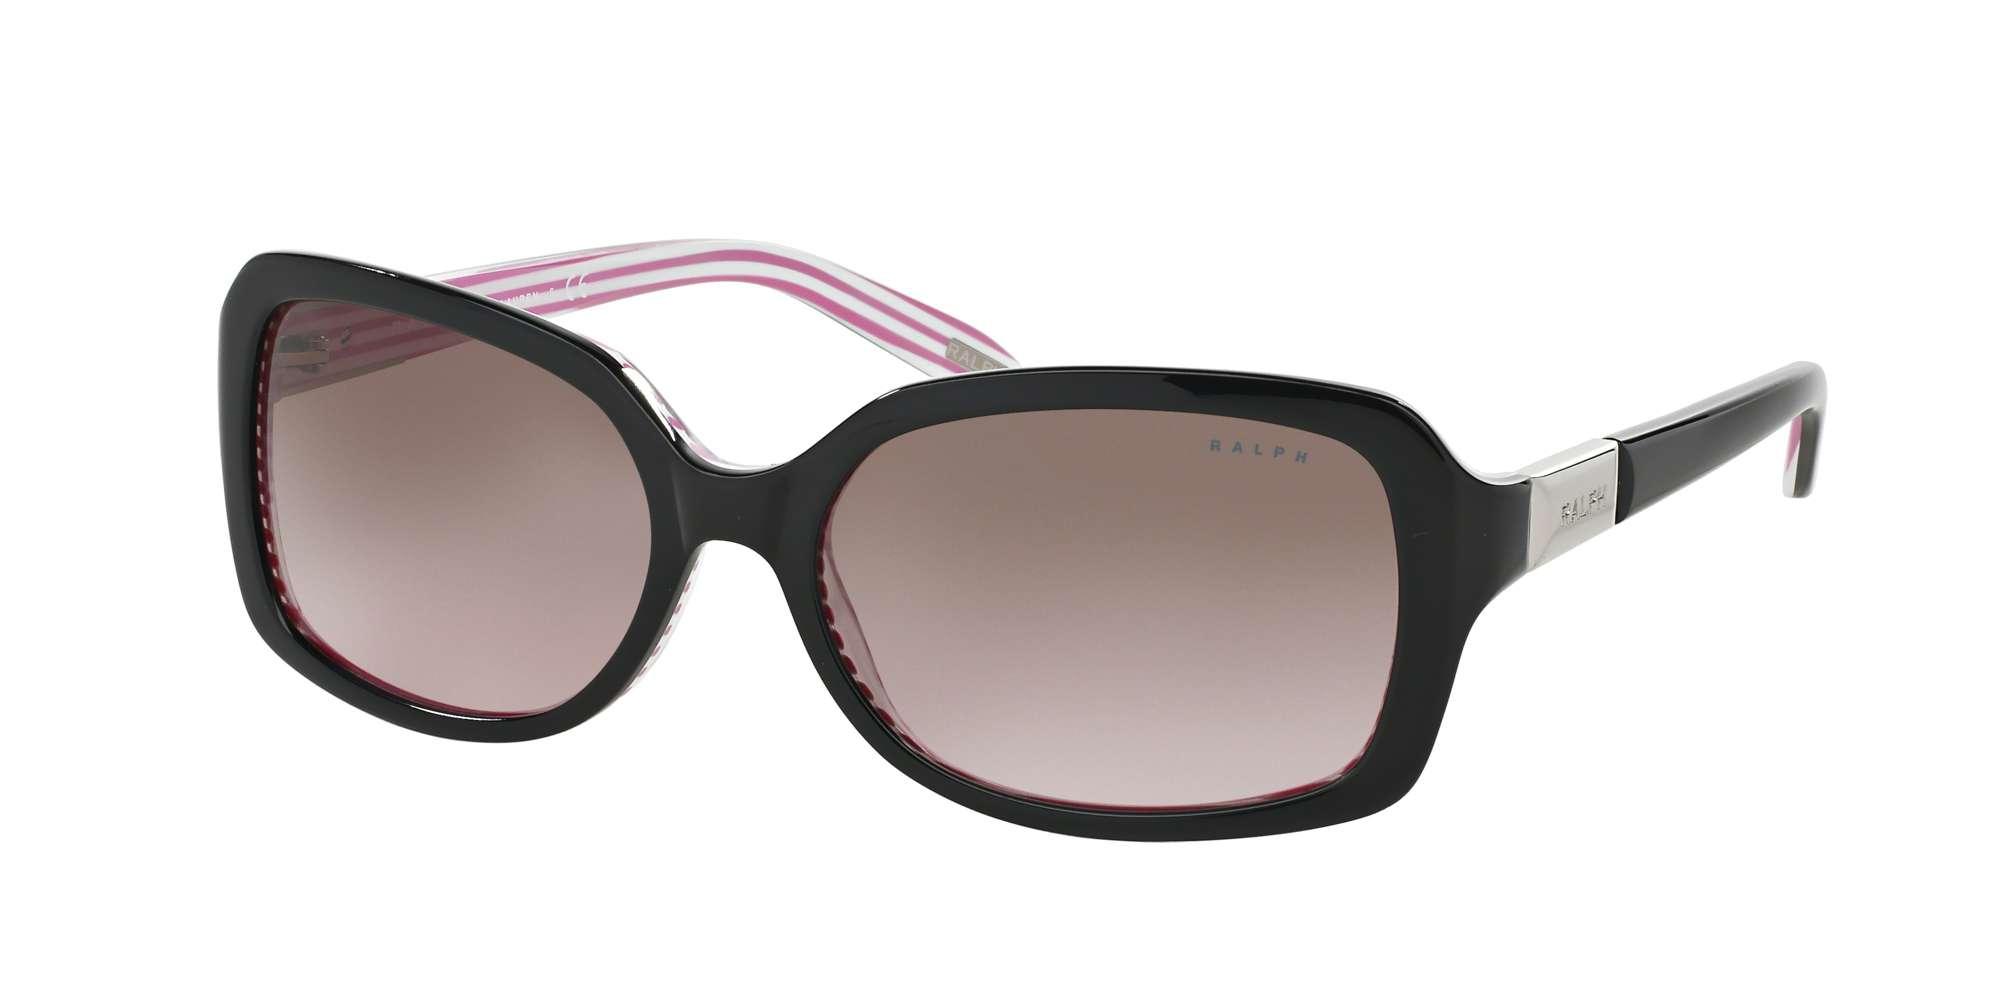 BLACK/PINK STRIPE / BROWN GRADIENT PINK lenses